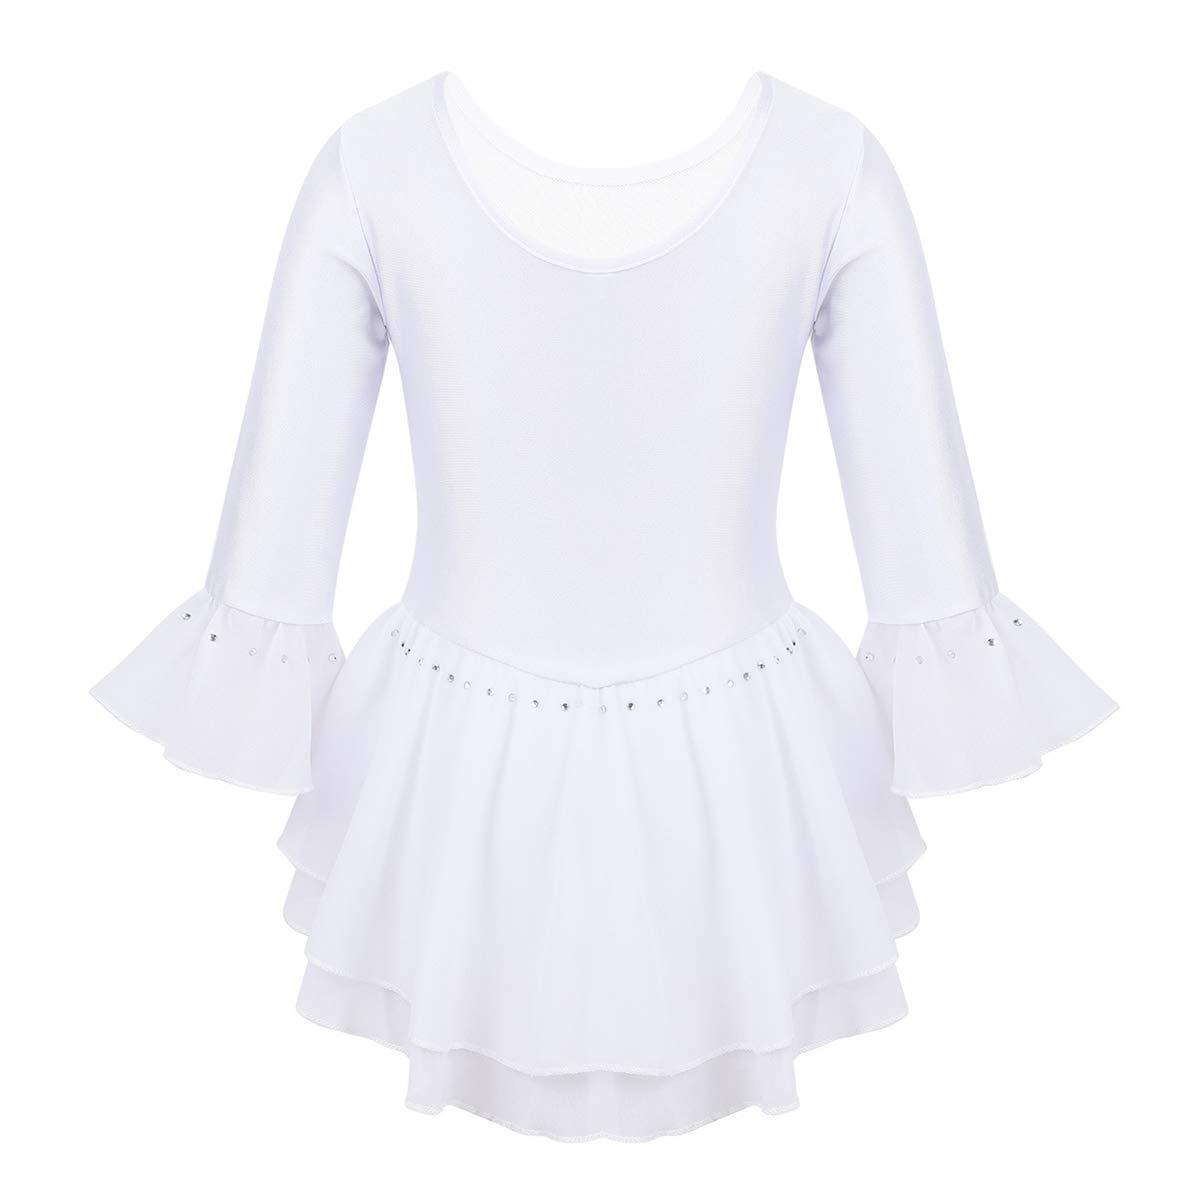 iEFiEL Vestito da Pattinaggio Artistico Bambina Vestito da Balletto Body da Ginnastica Artistica Leotard a Manica Campana Vestito da Ballerina Ragazza Tutu 5-14 Anni